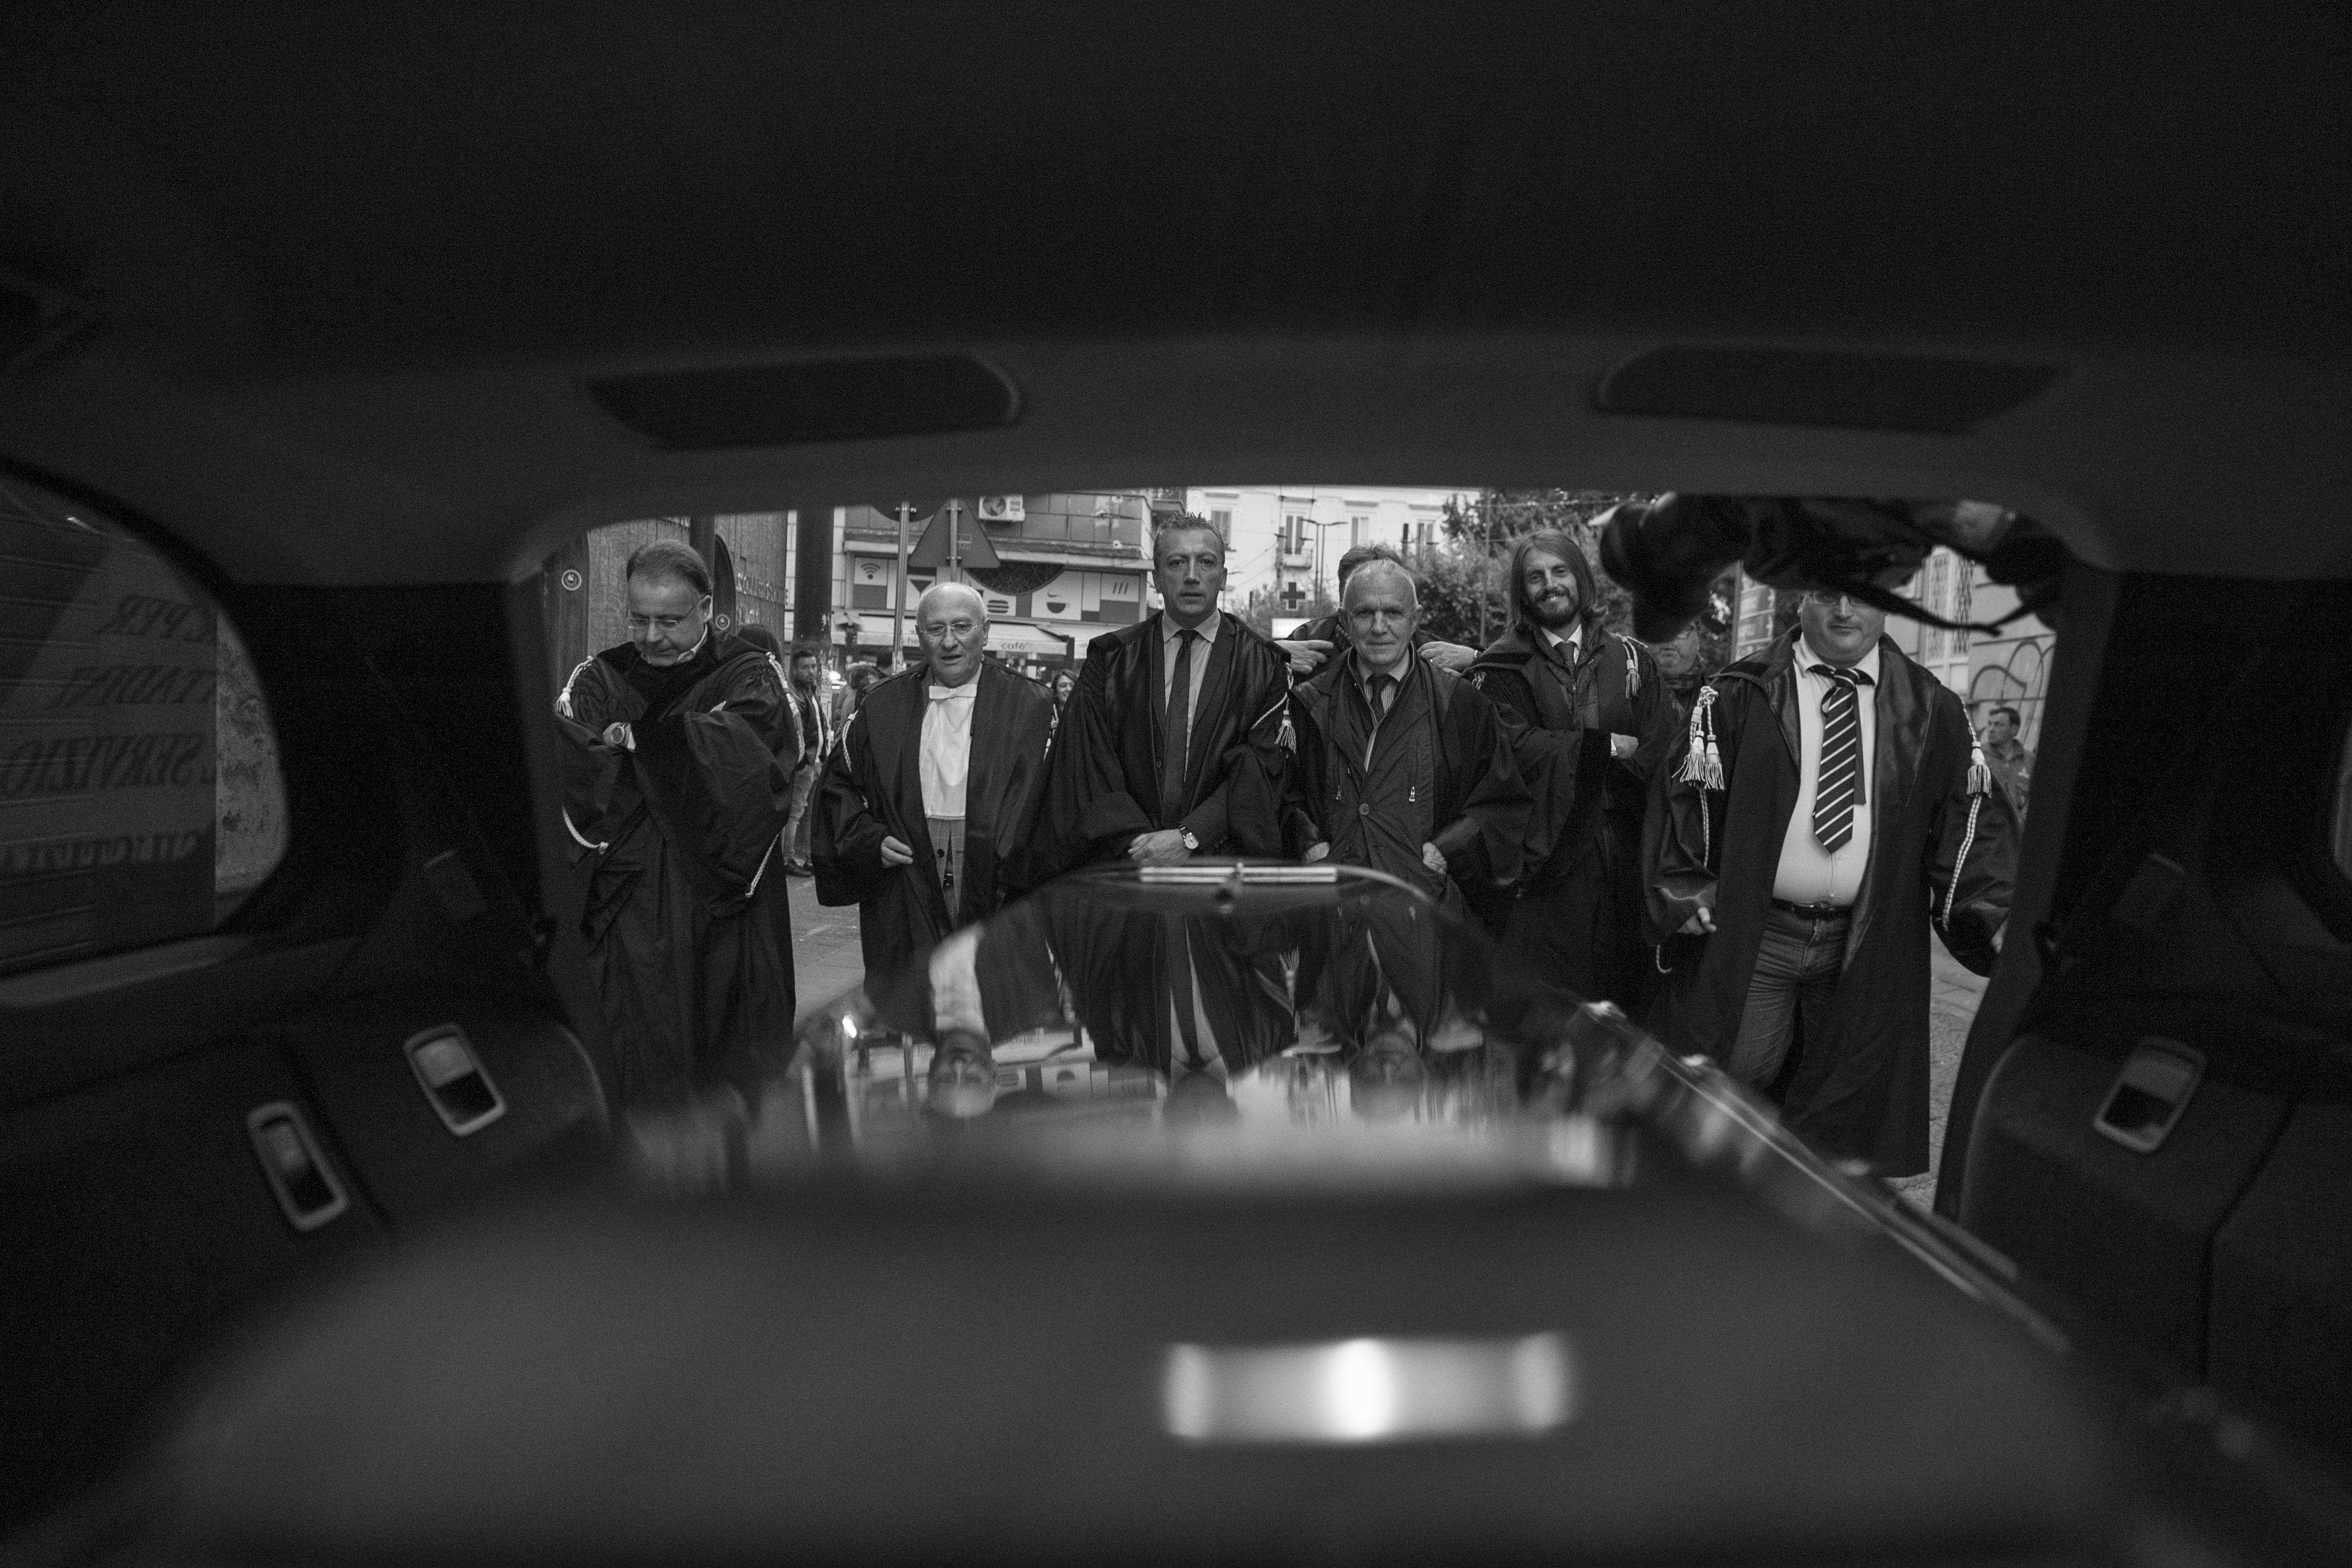 """A Portici e ad Ercolano il """"funerale della Legalità"""". La chiusura degli uffici del giudice di pace nei comuni guidati da un ex magistrato ed un avvocato scatena la protesta delle toghe vesuviane."""